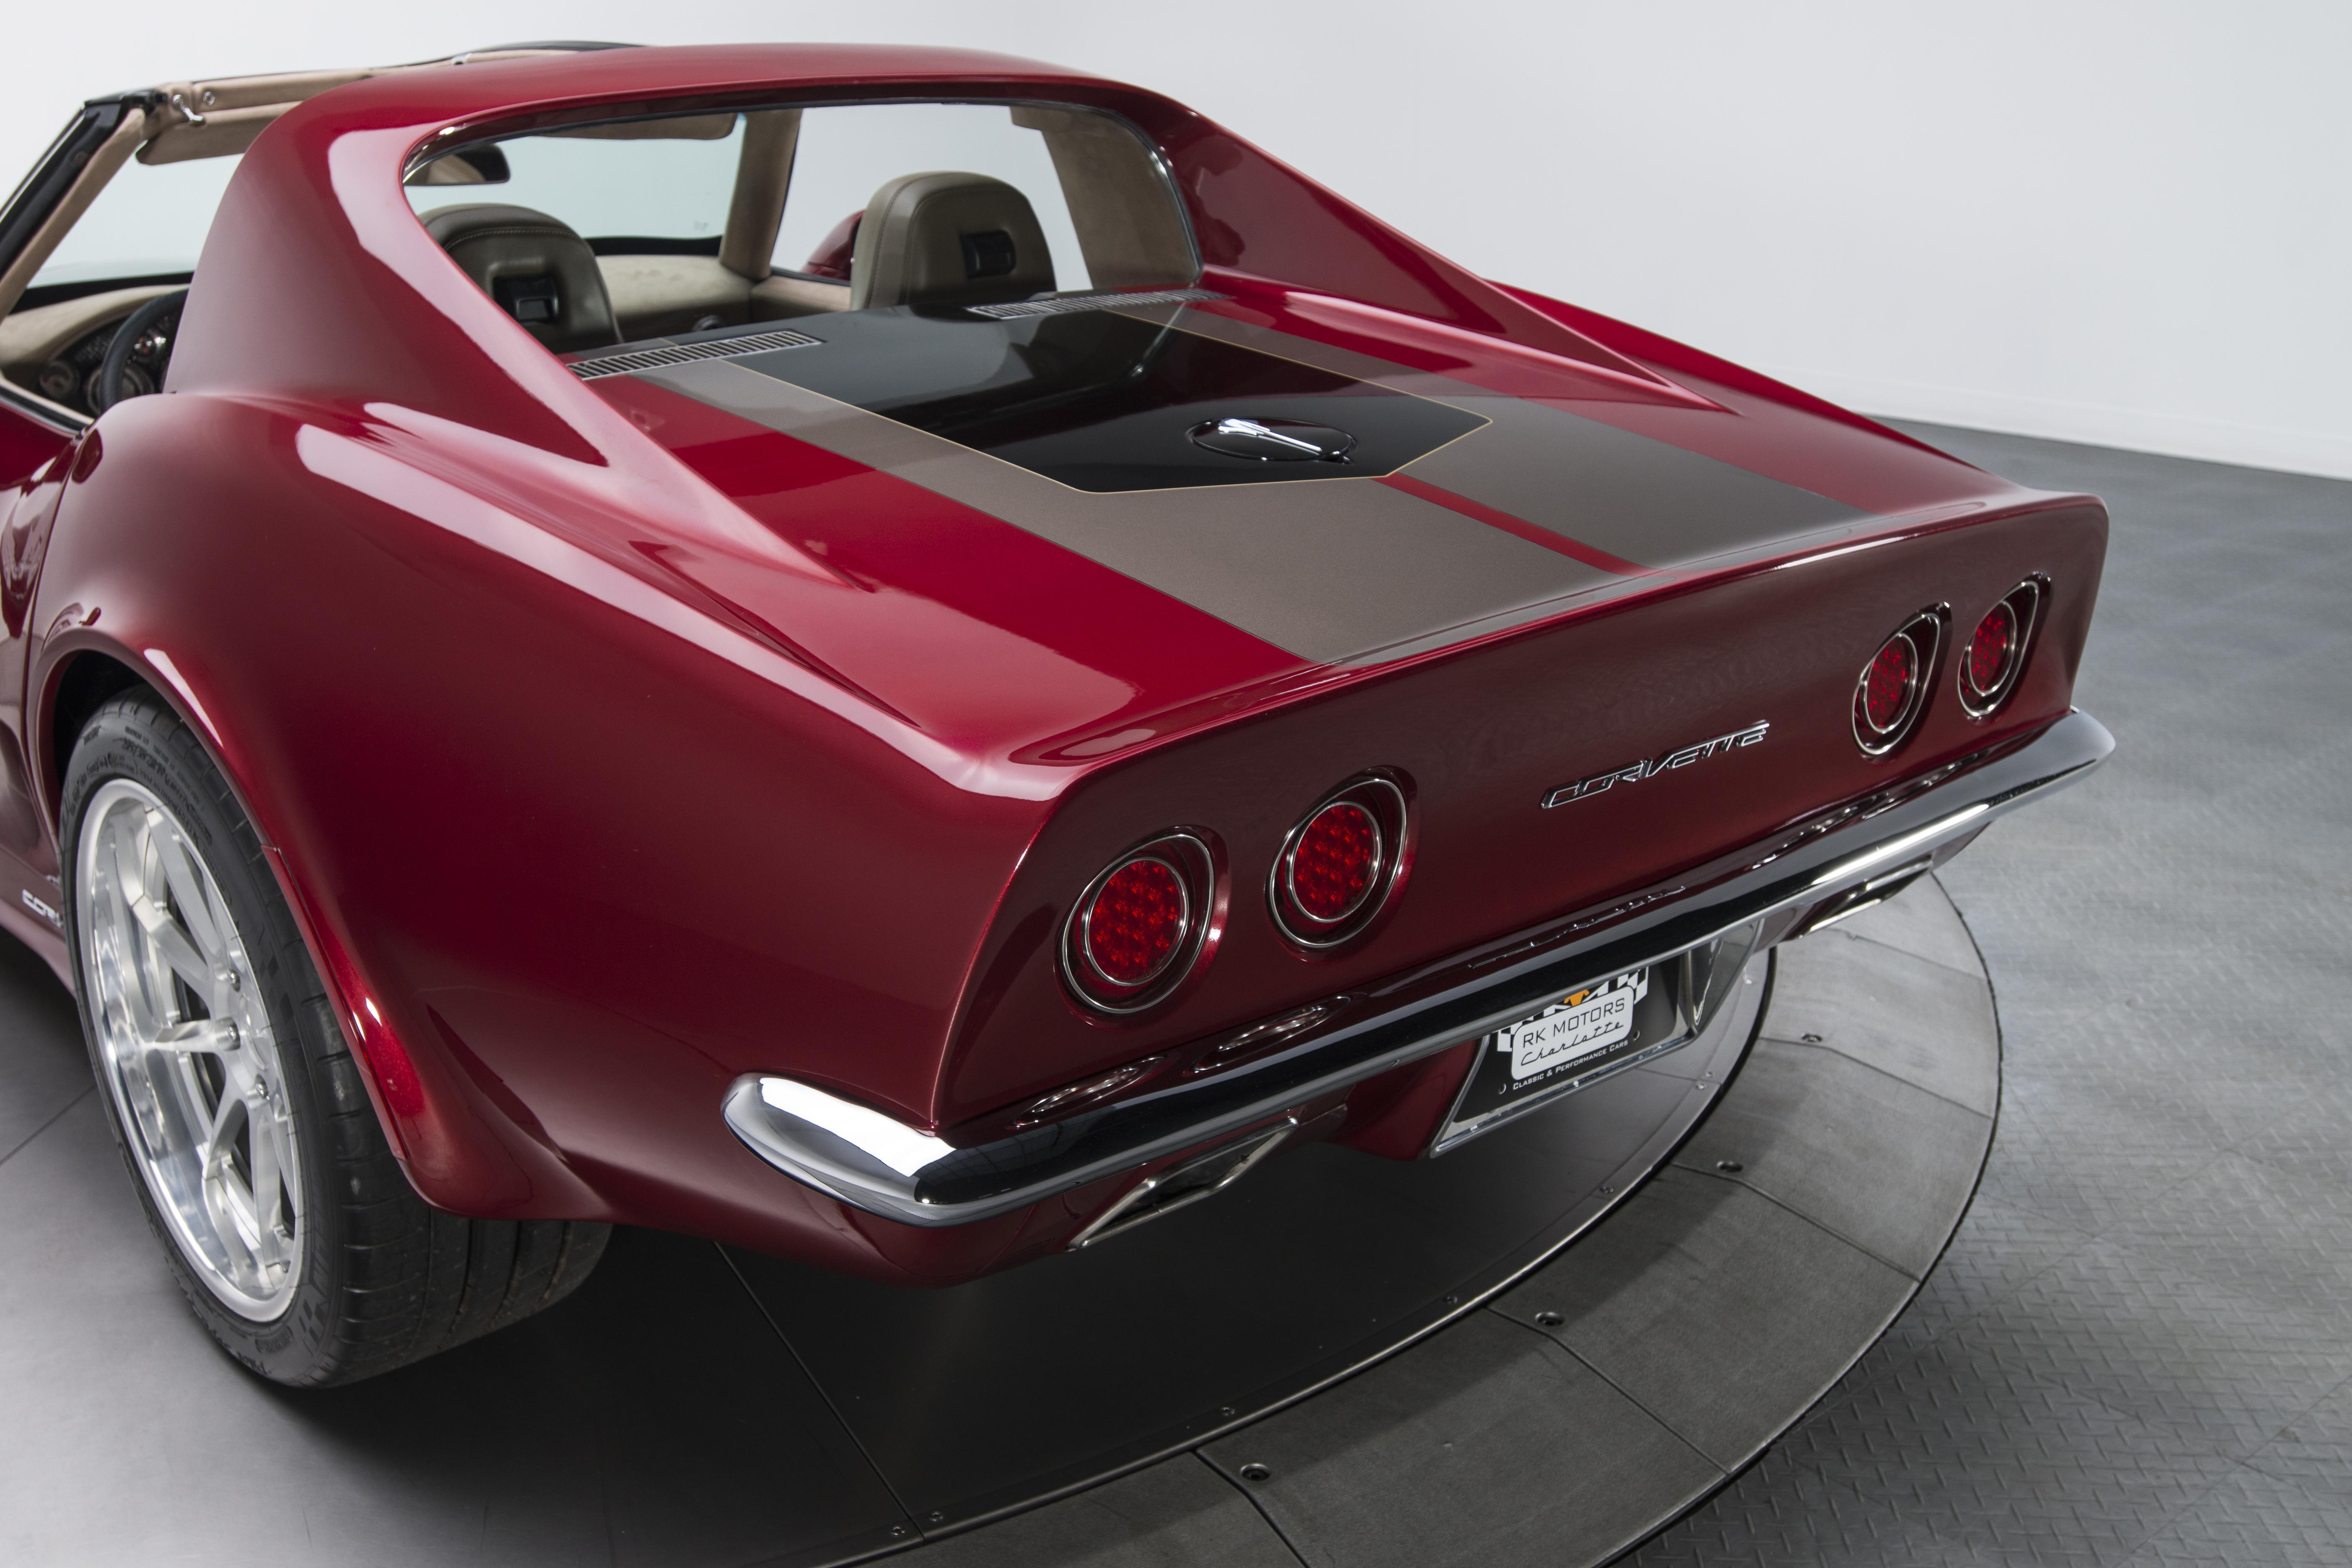 1972 Chevrolet Corvette1972 Chevrolet Corvette #23